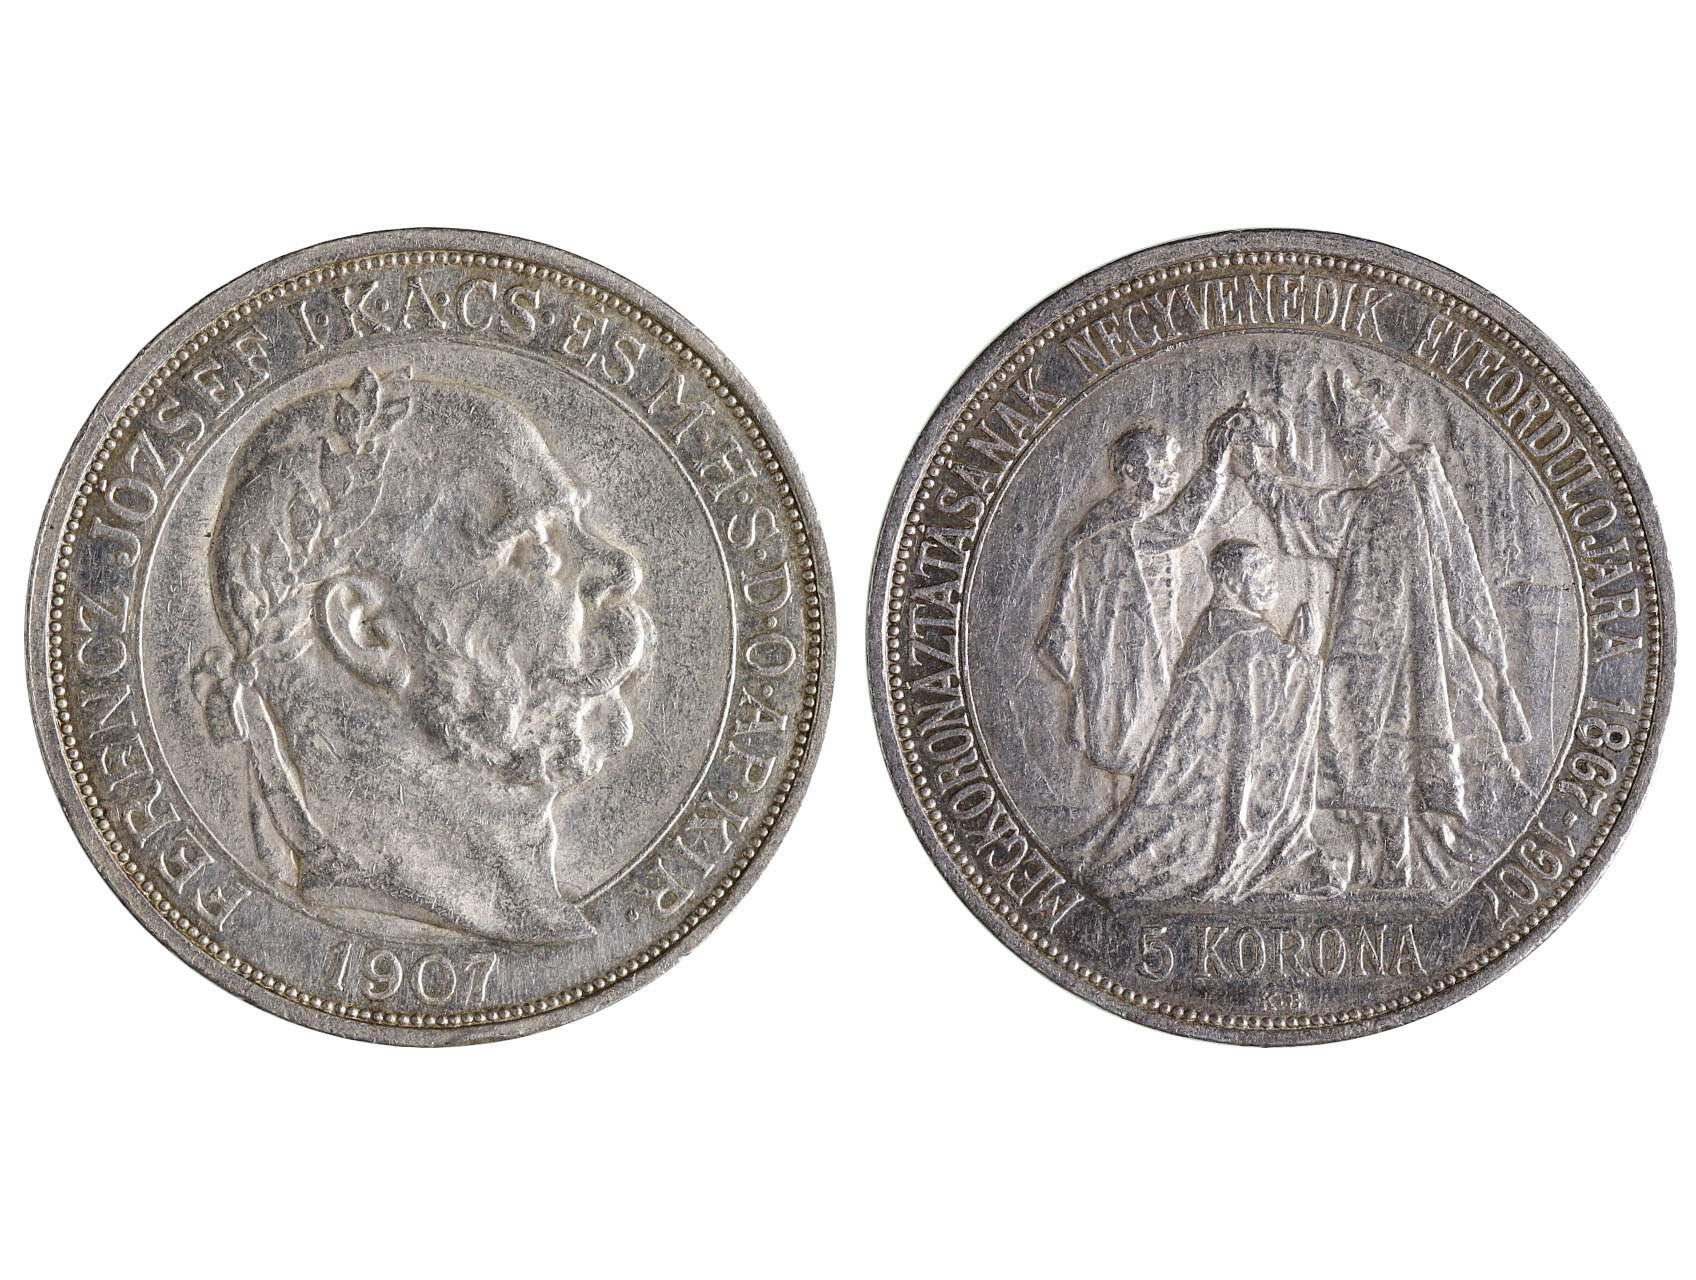 František Josef I. 1848-1916 - 5 Koruna 1907 KB, 40. výročí korunovace F.J.I. za uherského krále v  Budapešti, N158, dr. hr.